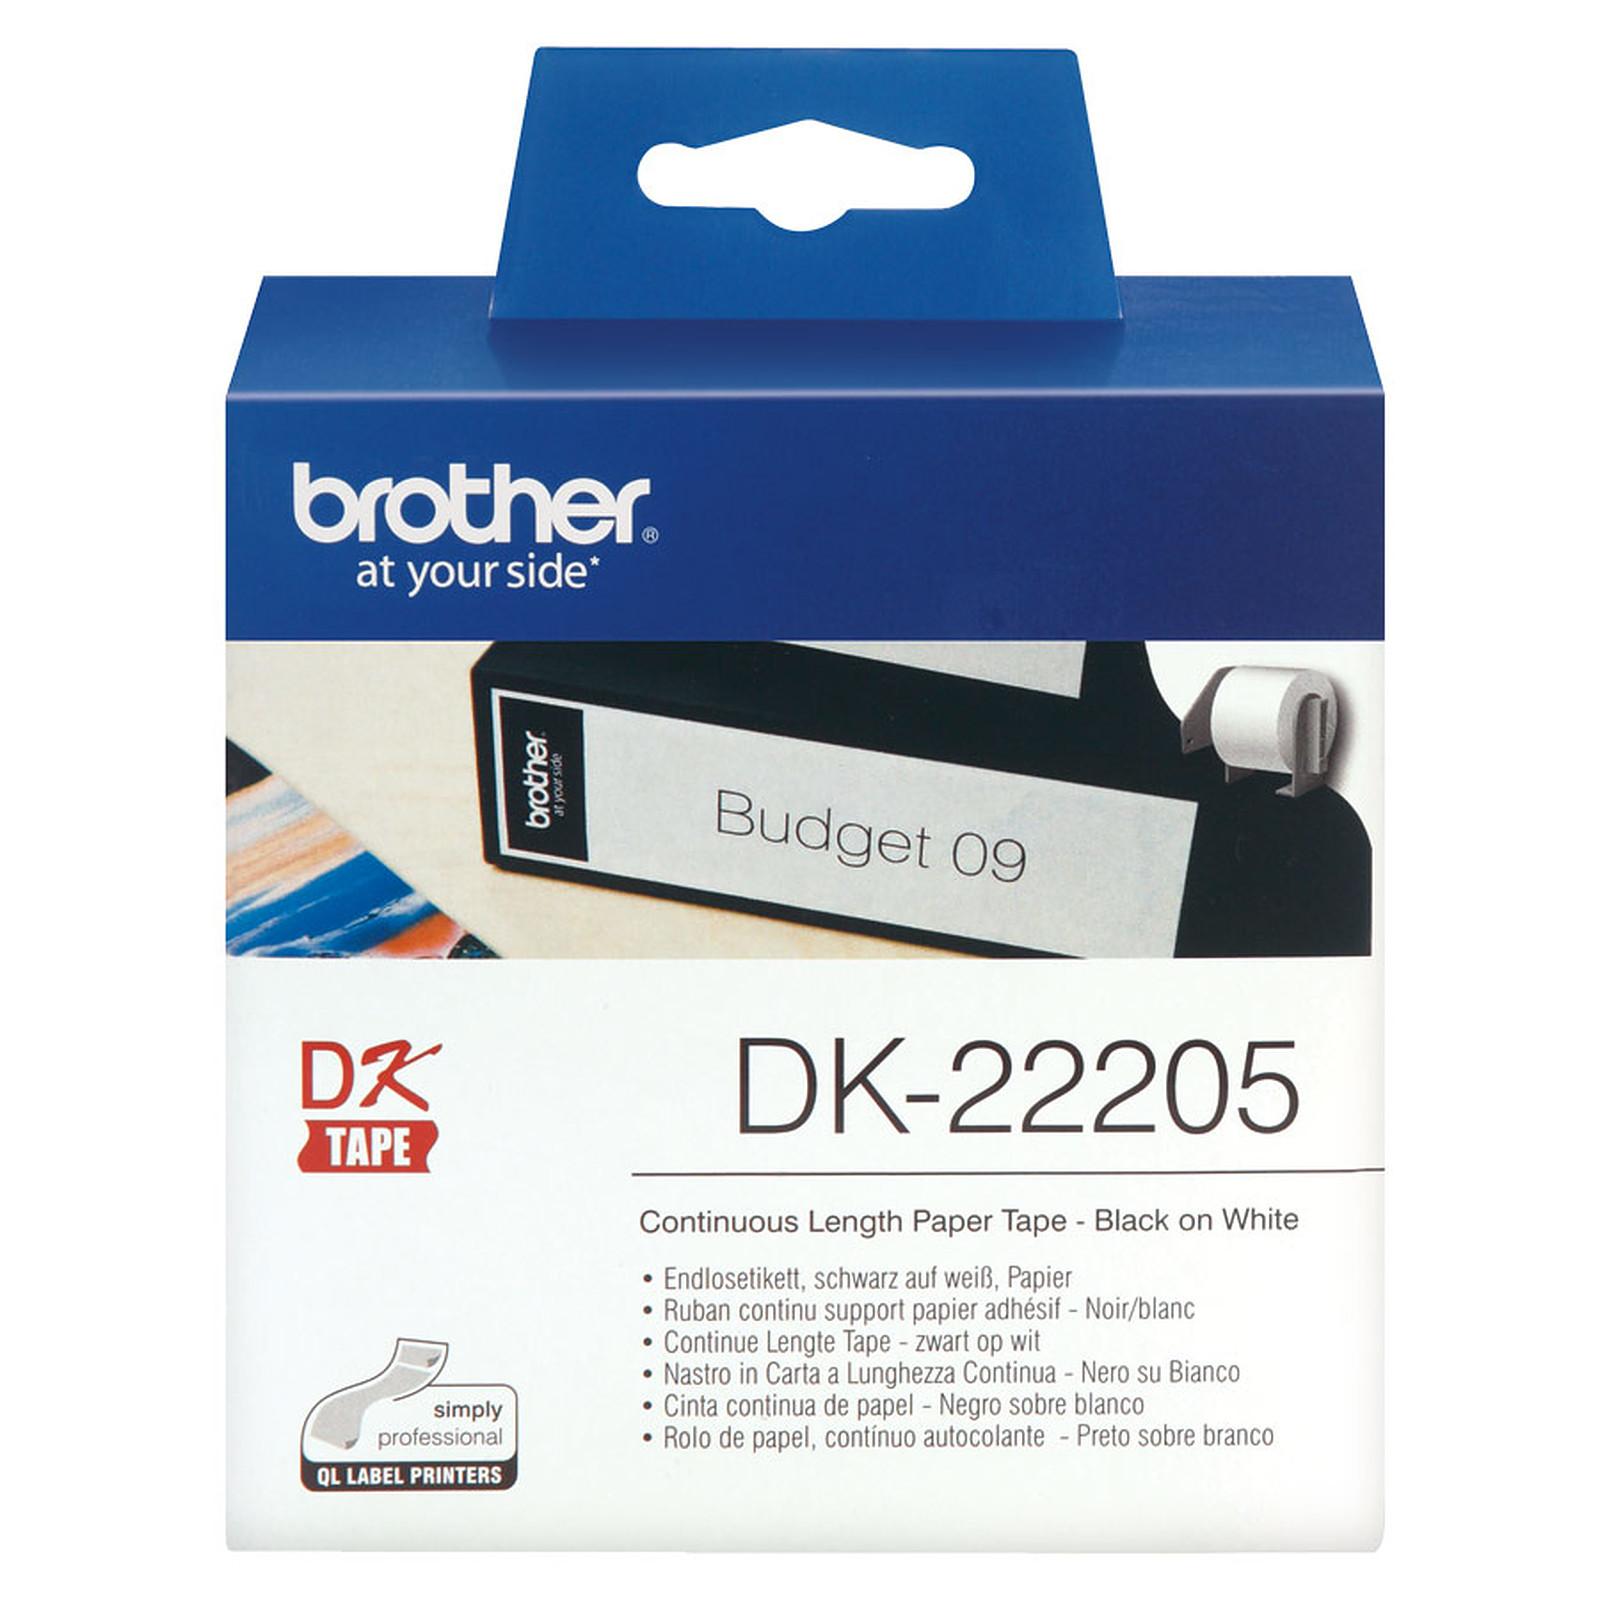 Ruban de papier continu noir sur blanc DK-22205 Brother Original, largeur 62 mm, longueur 30,48 m, Windows et Linux, Informatique Réunion 974